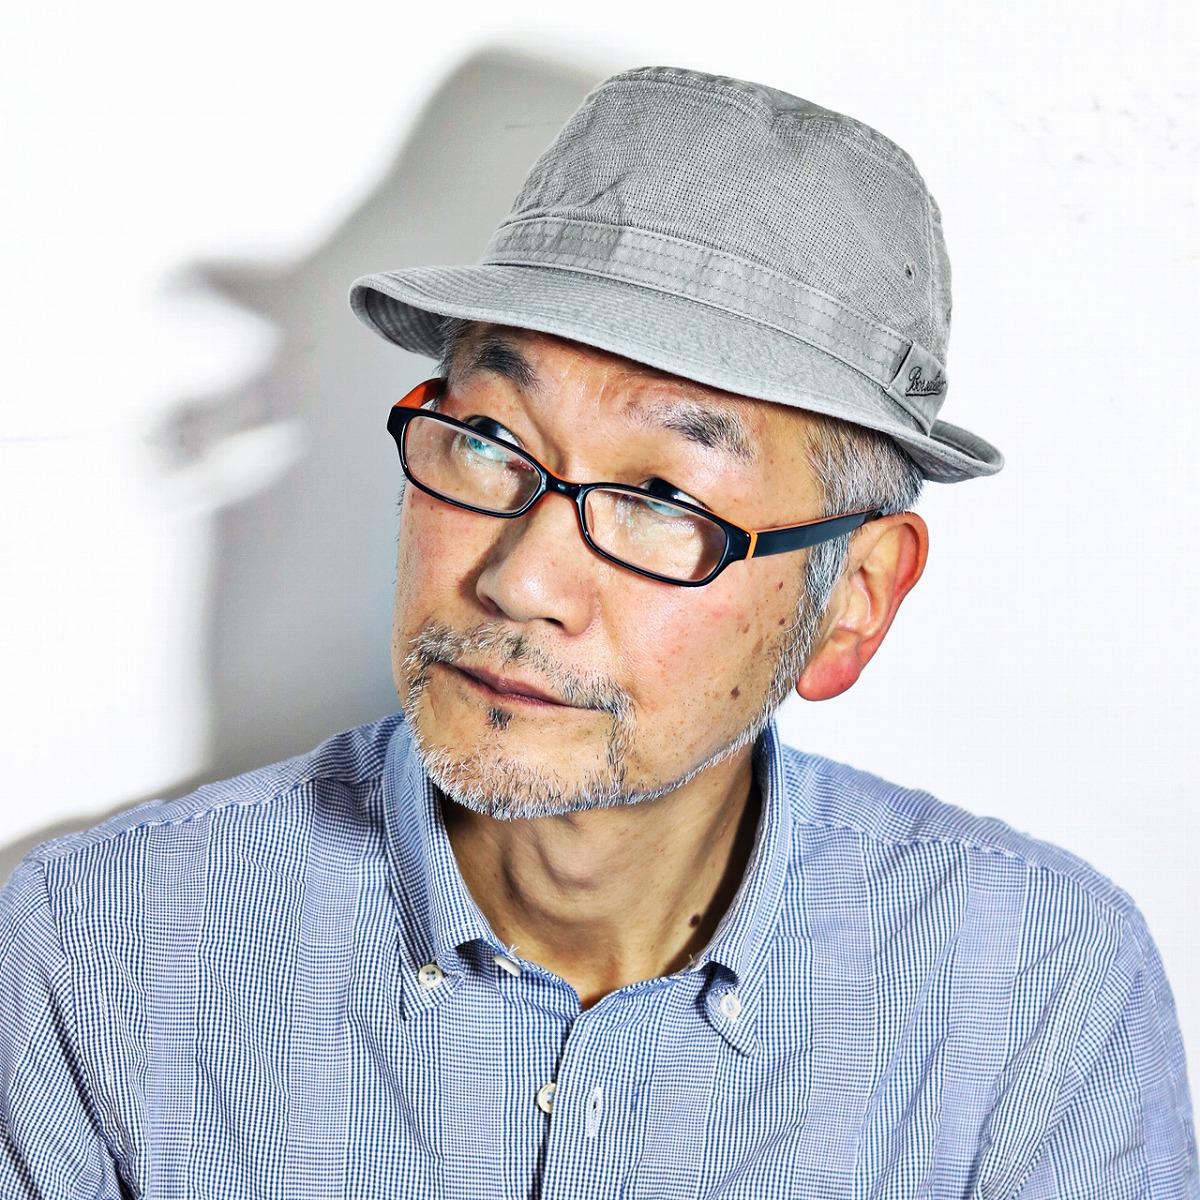 男性 メンズ (アルペン メンズハット 紳士帽子 40代 50代 60代 70代